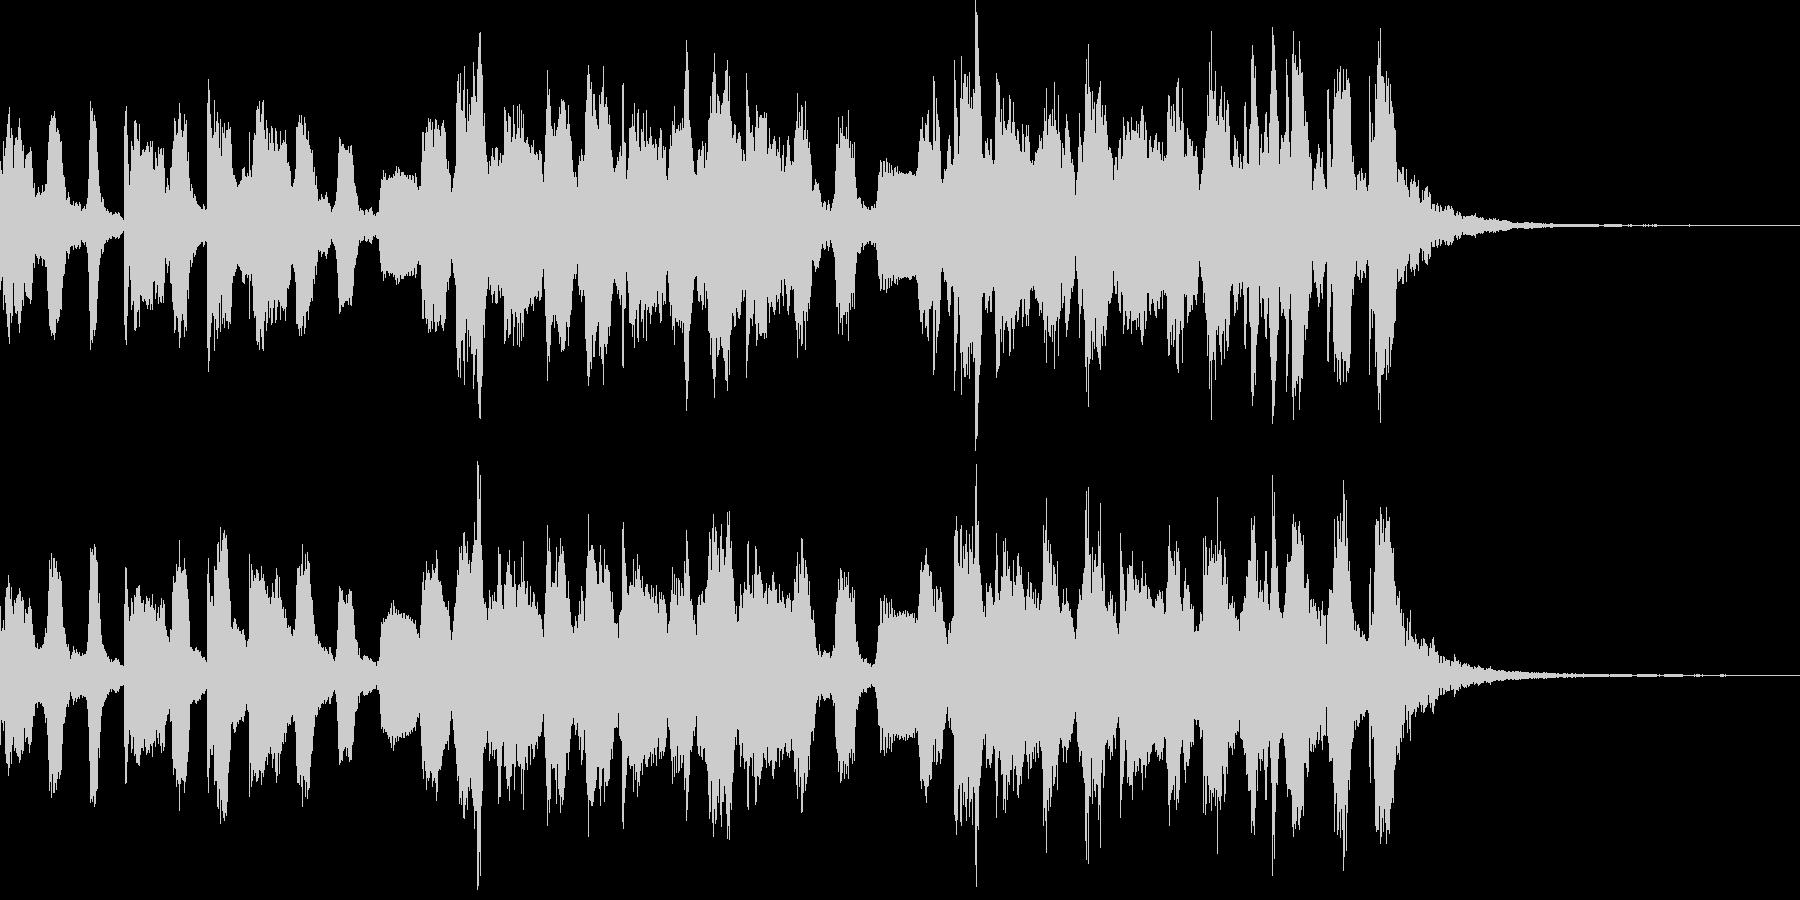 きらきらとしたジングル風BGMの未再生の波形